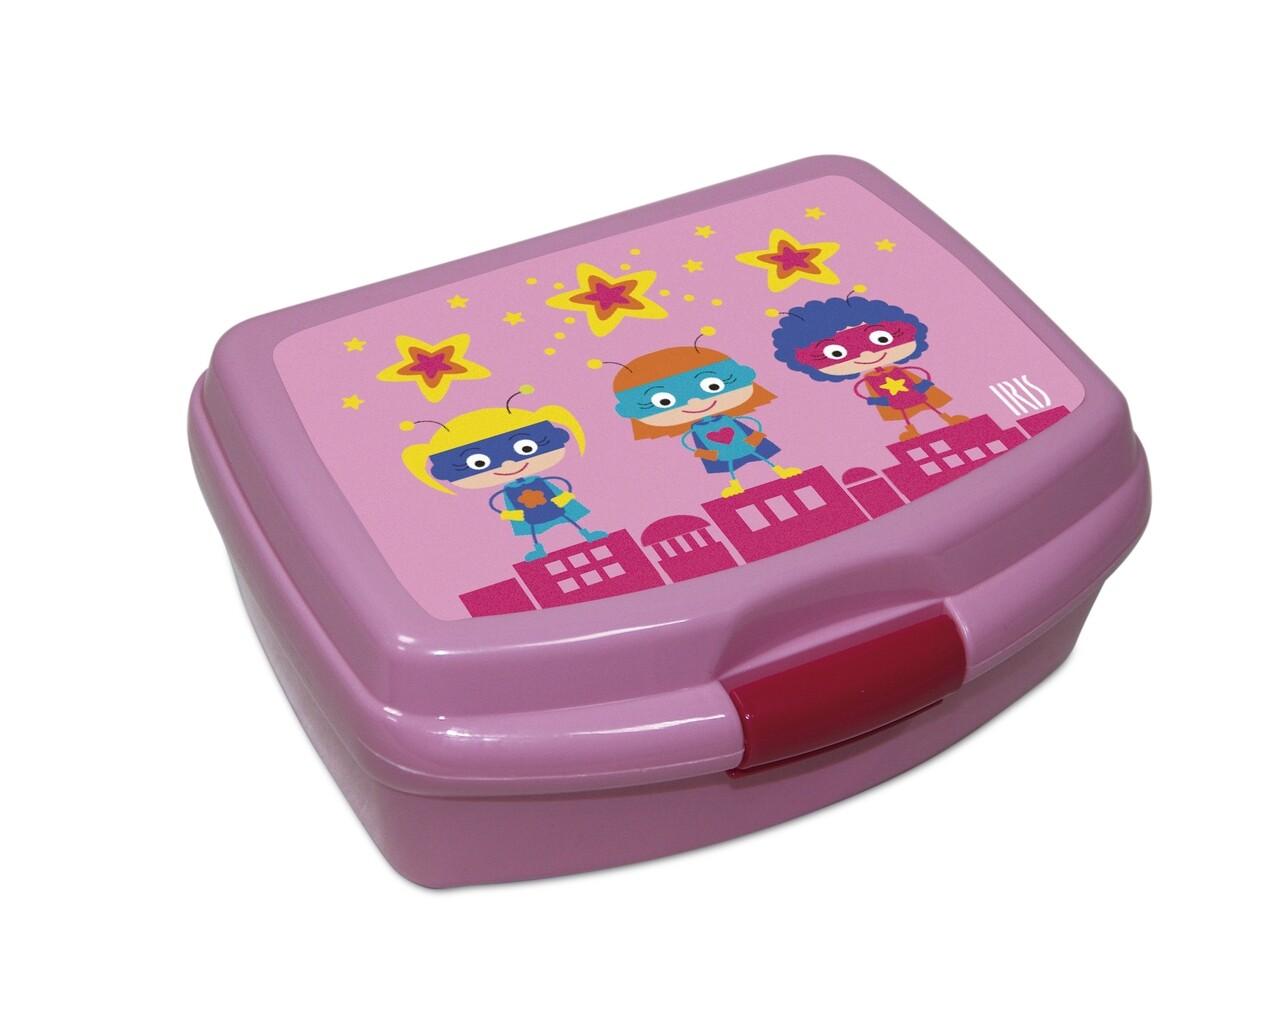 Cutie pranz pentru copii SnackRico, 550 ml, 16.8x13.5x6.5 cm, roz